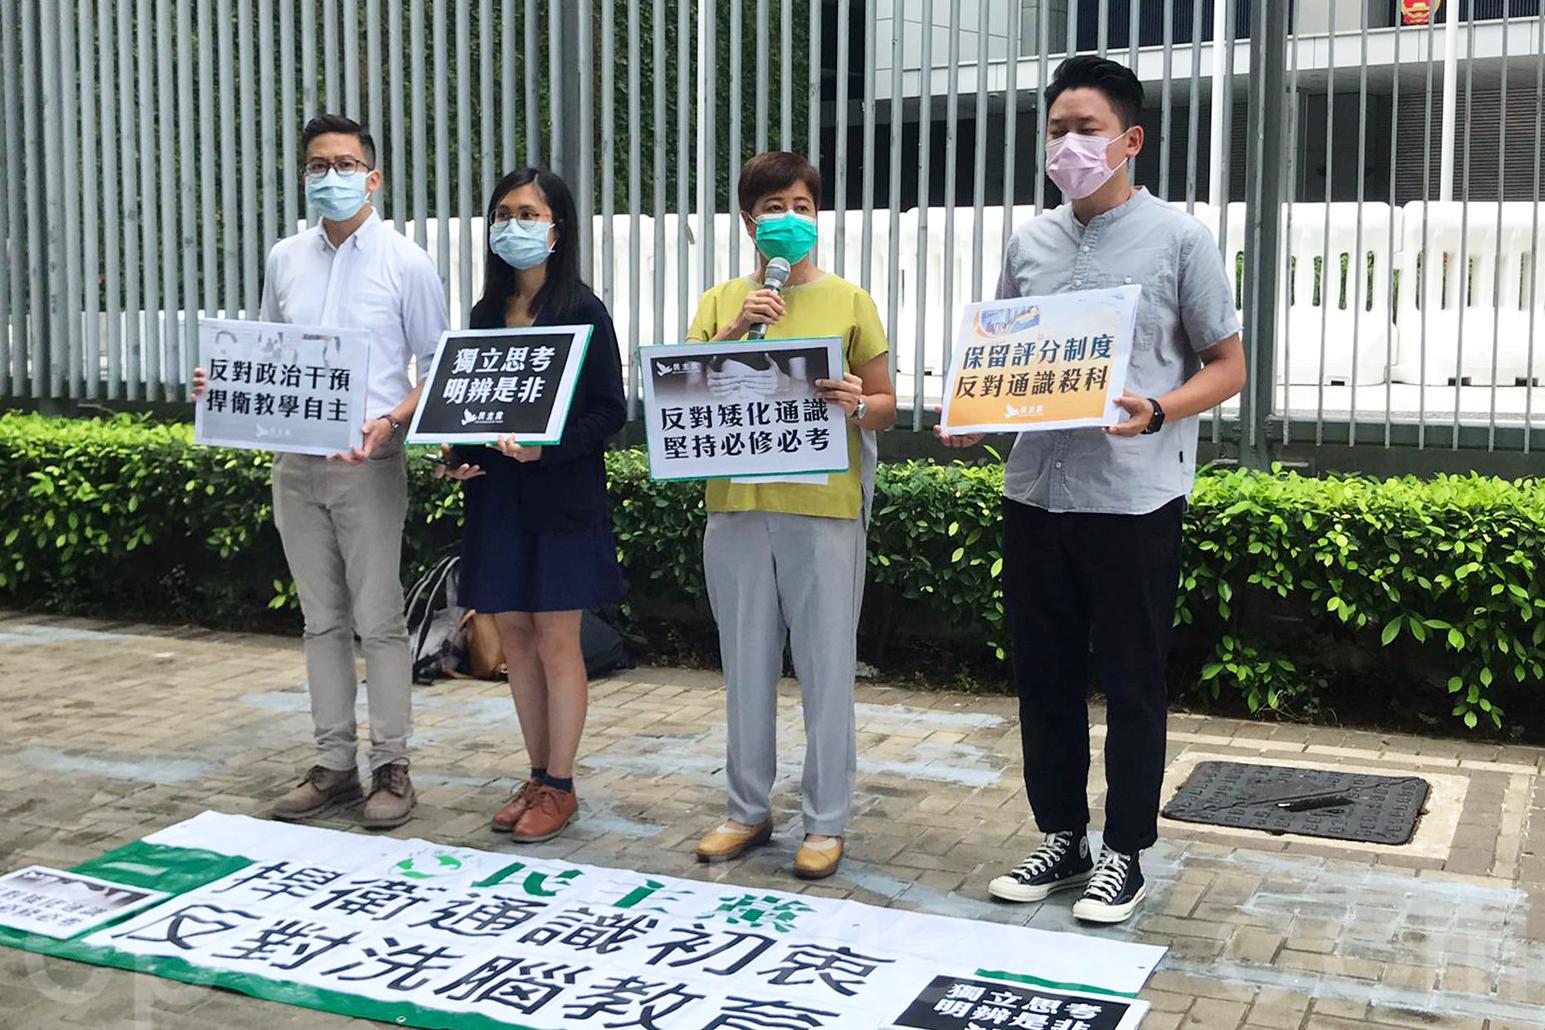 9月22日,香港民主黨立法會議員黃碧雲(右2)及三位區議員在政府總部外抗議純以及格或不及格作為評分等級的考評機制改革。(宋碧龍/大紀元)